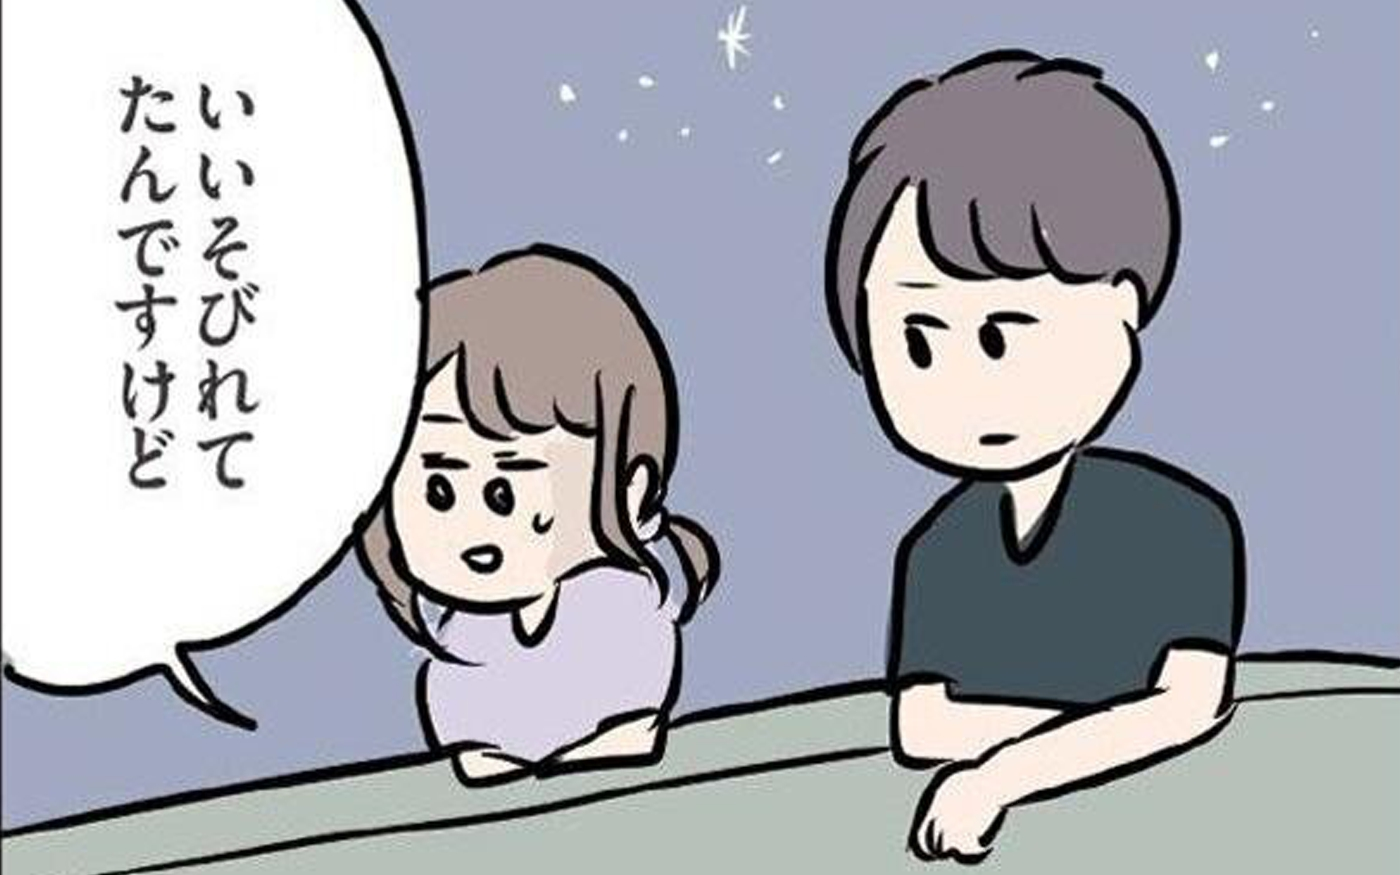 夫がいることを告白したら、もう彼とは仲良くなれない?